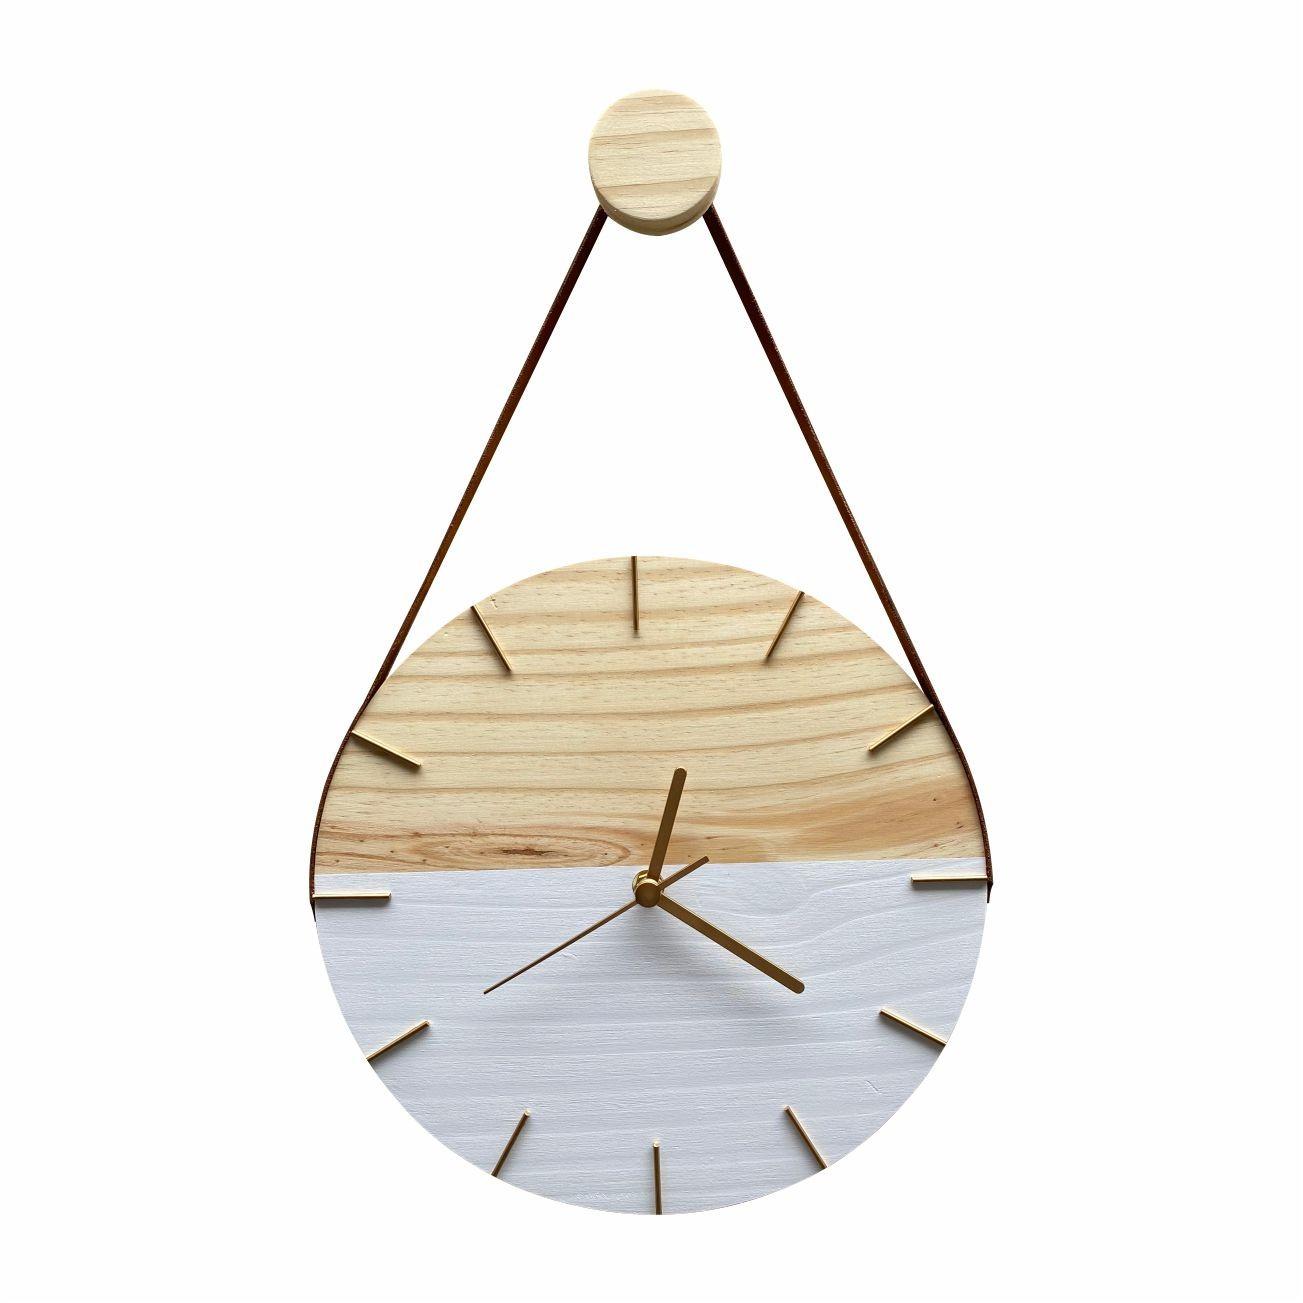 Relógio de Parede Minimalista Branco e Dourado com Alça Caramelo